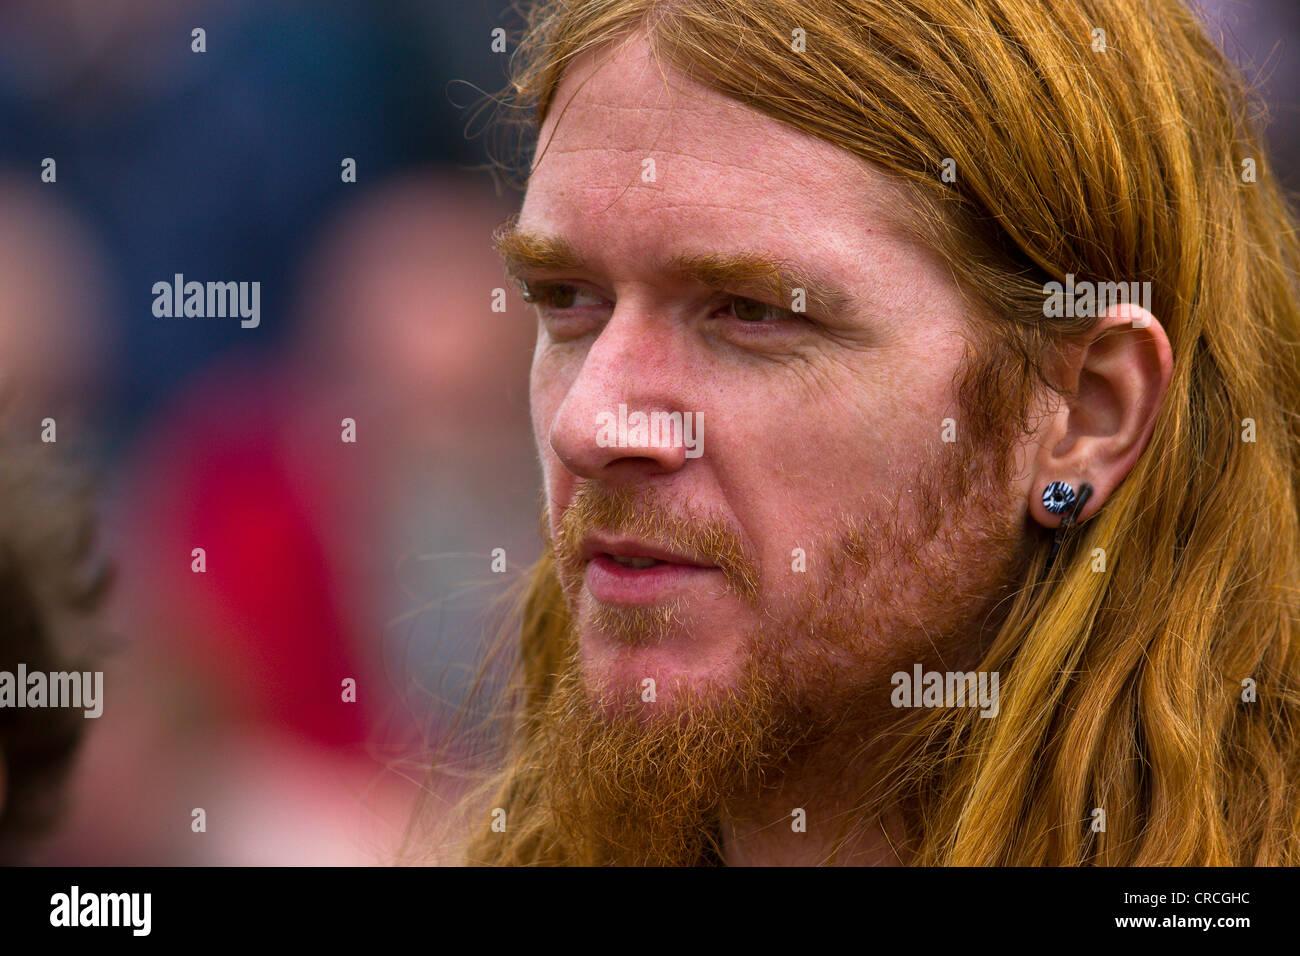 Junge Ingwer Männer Mit Langen Haaren Bart Und Ohr Ring Stockfoto